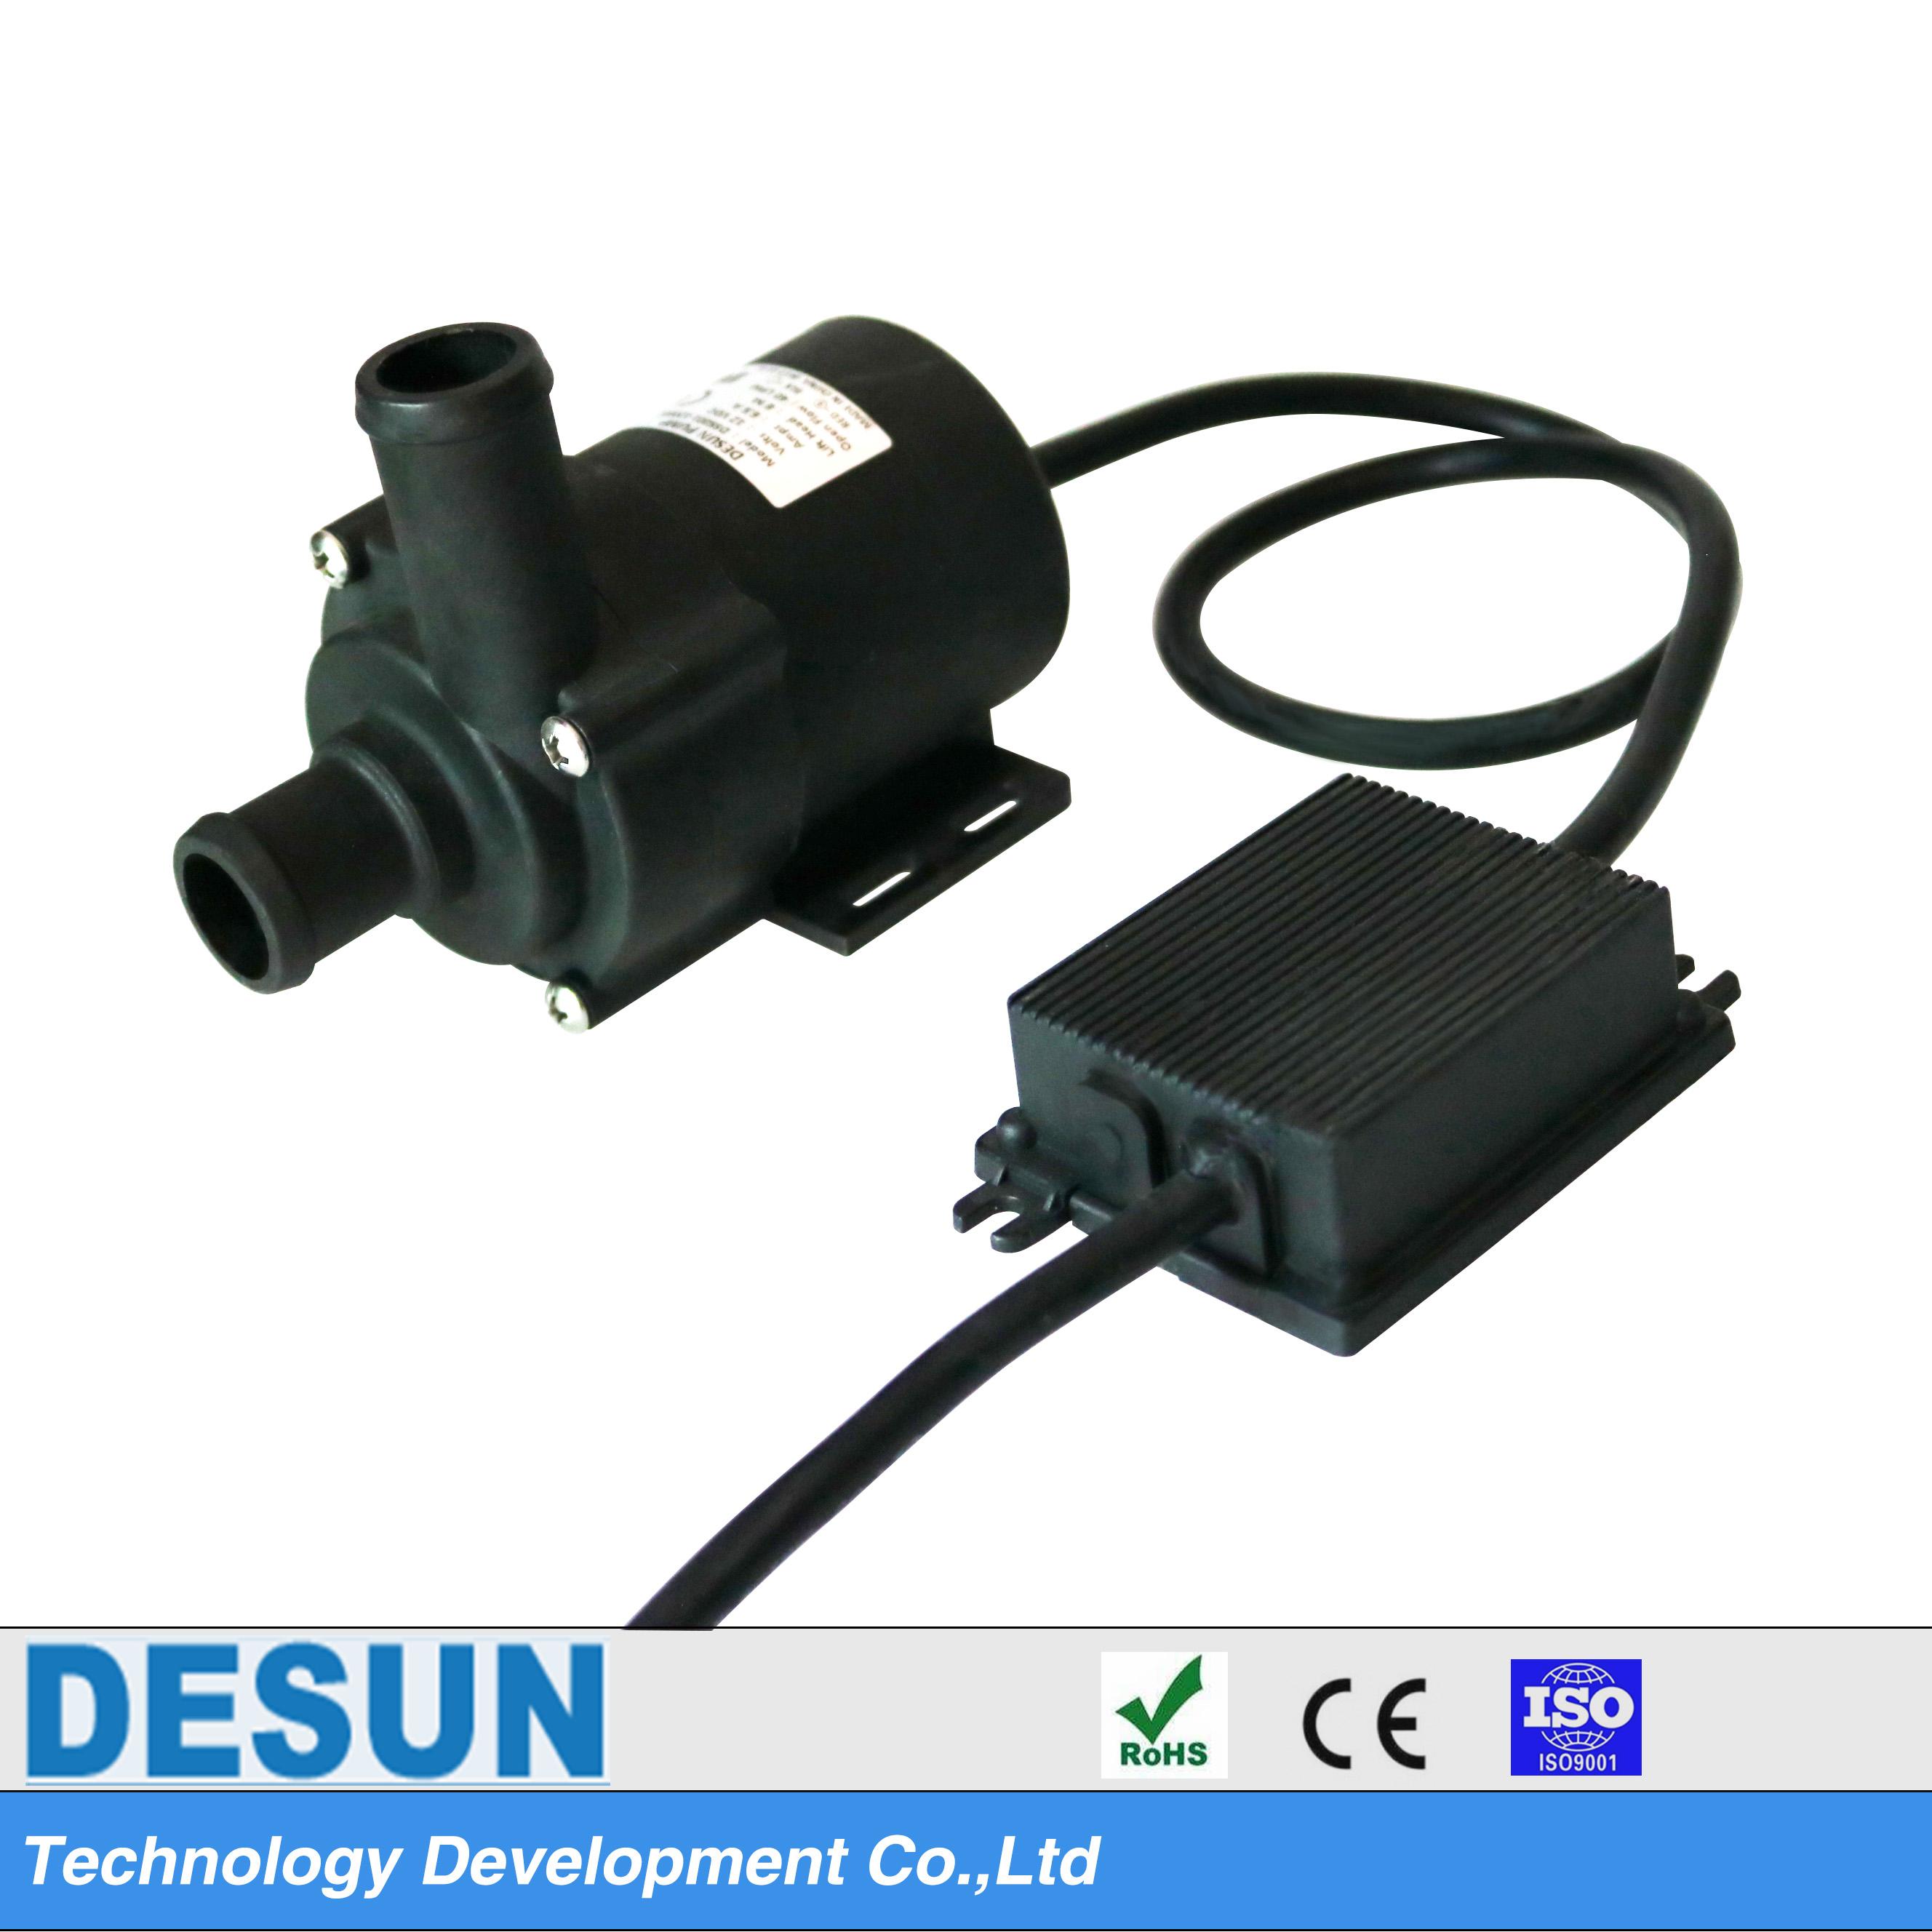 三相调速厨卫设备微型水泵DS5001